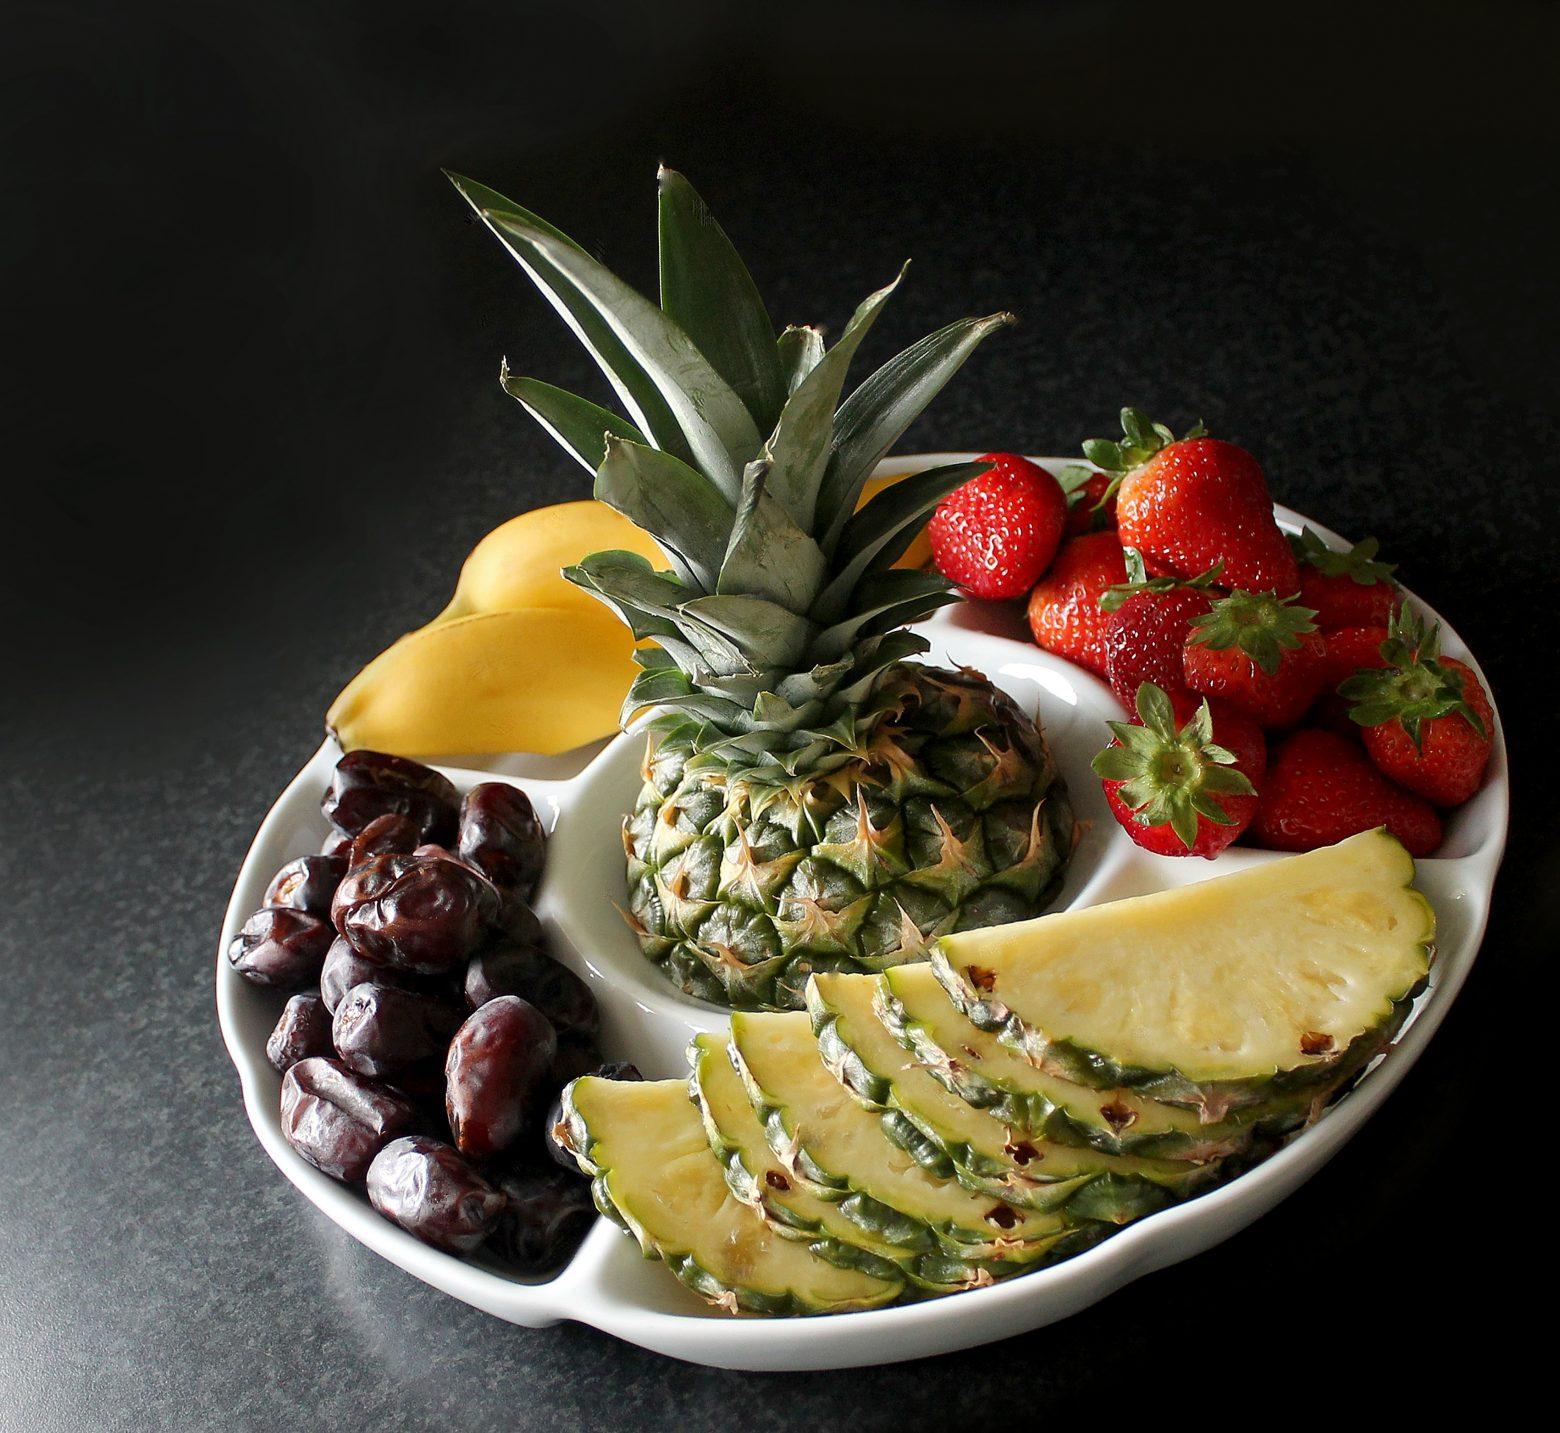 fruit-bowl-748794